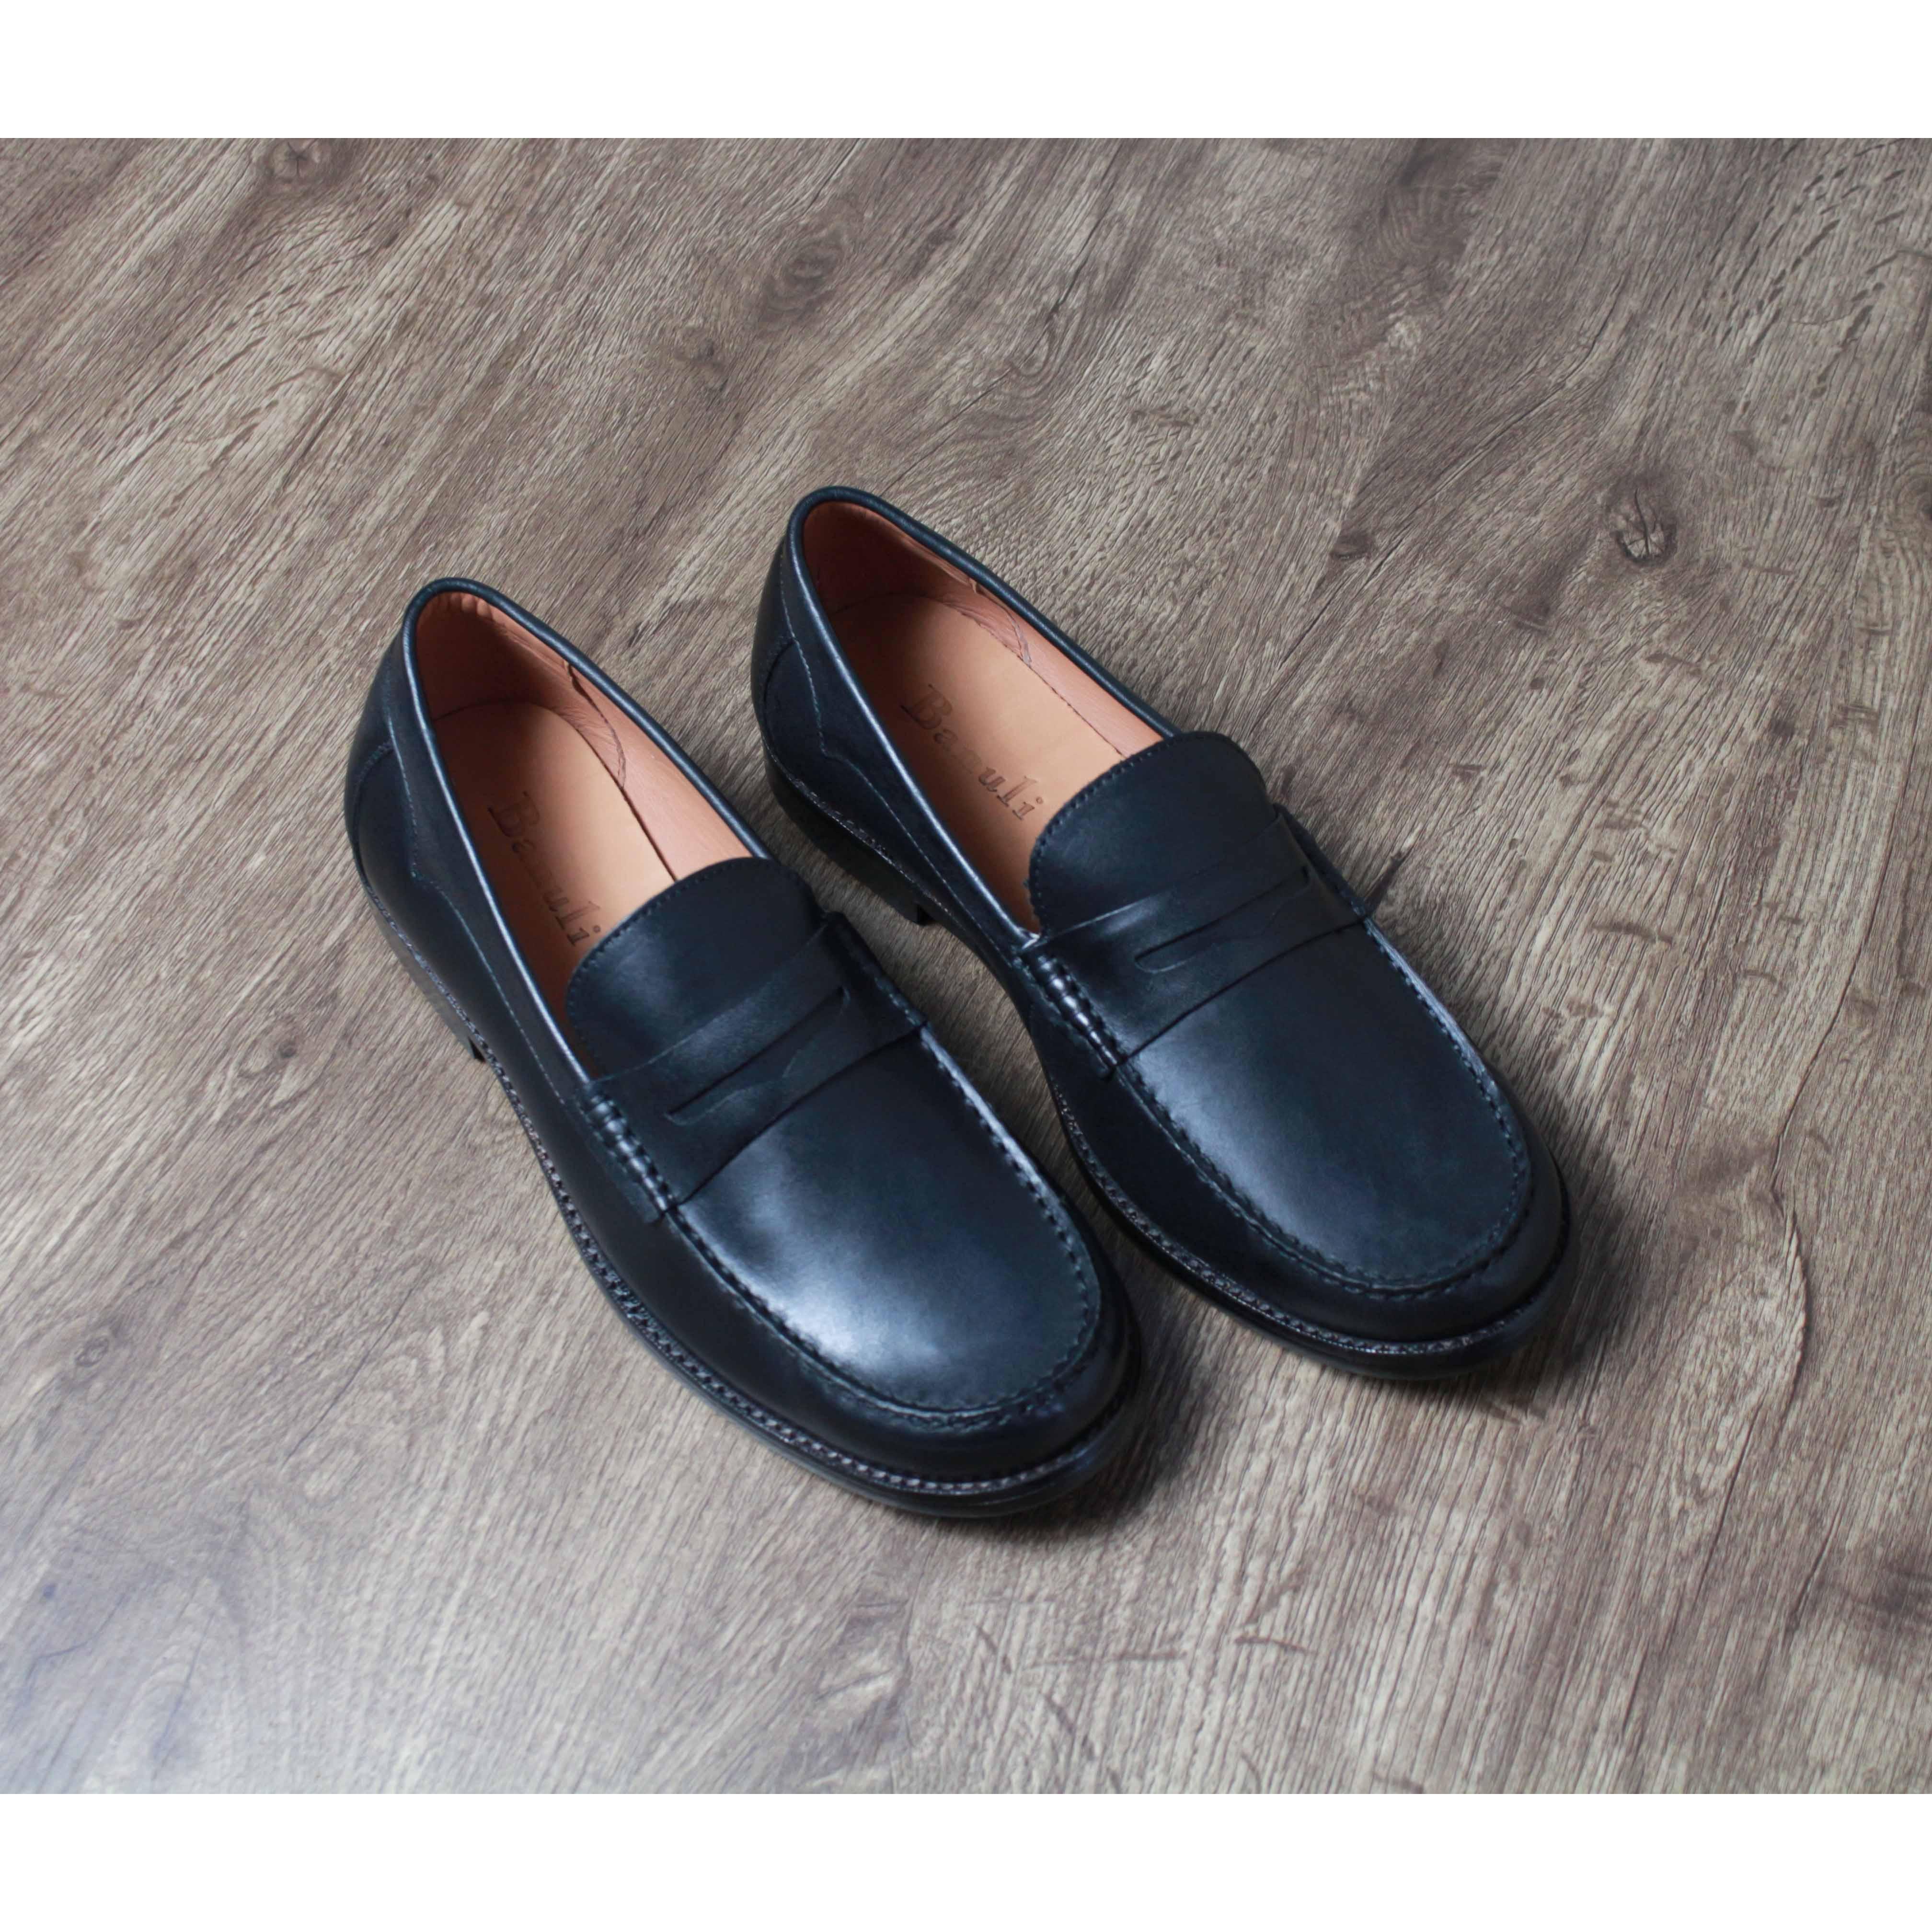 Giày nam cao cấp chính hãng BANULI, kiểu giày tây công sở lười HDPL1M0 da bò Ý, đế pháp cao su tự nhiên